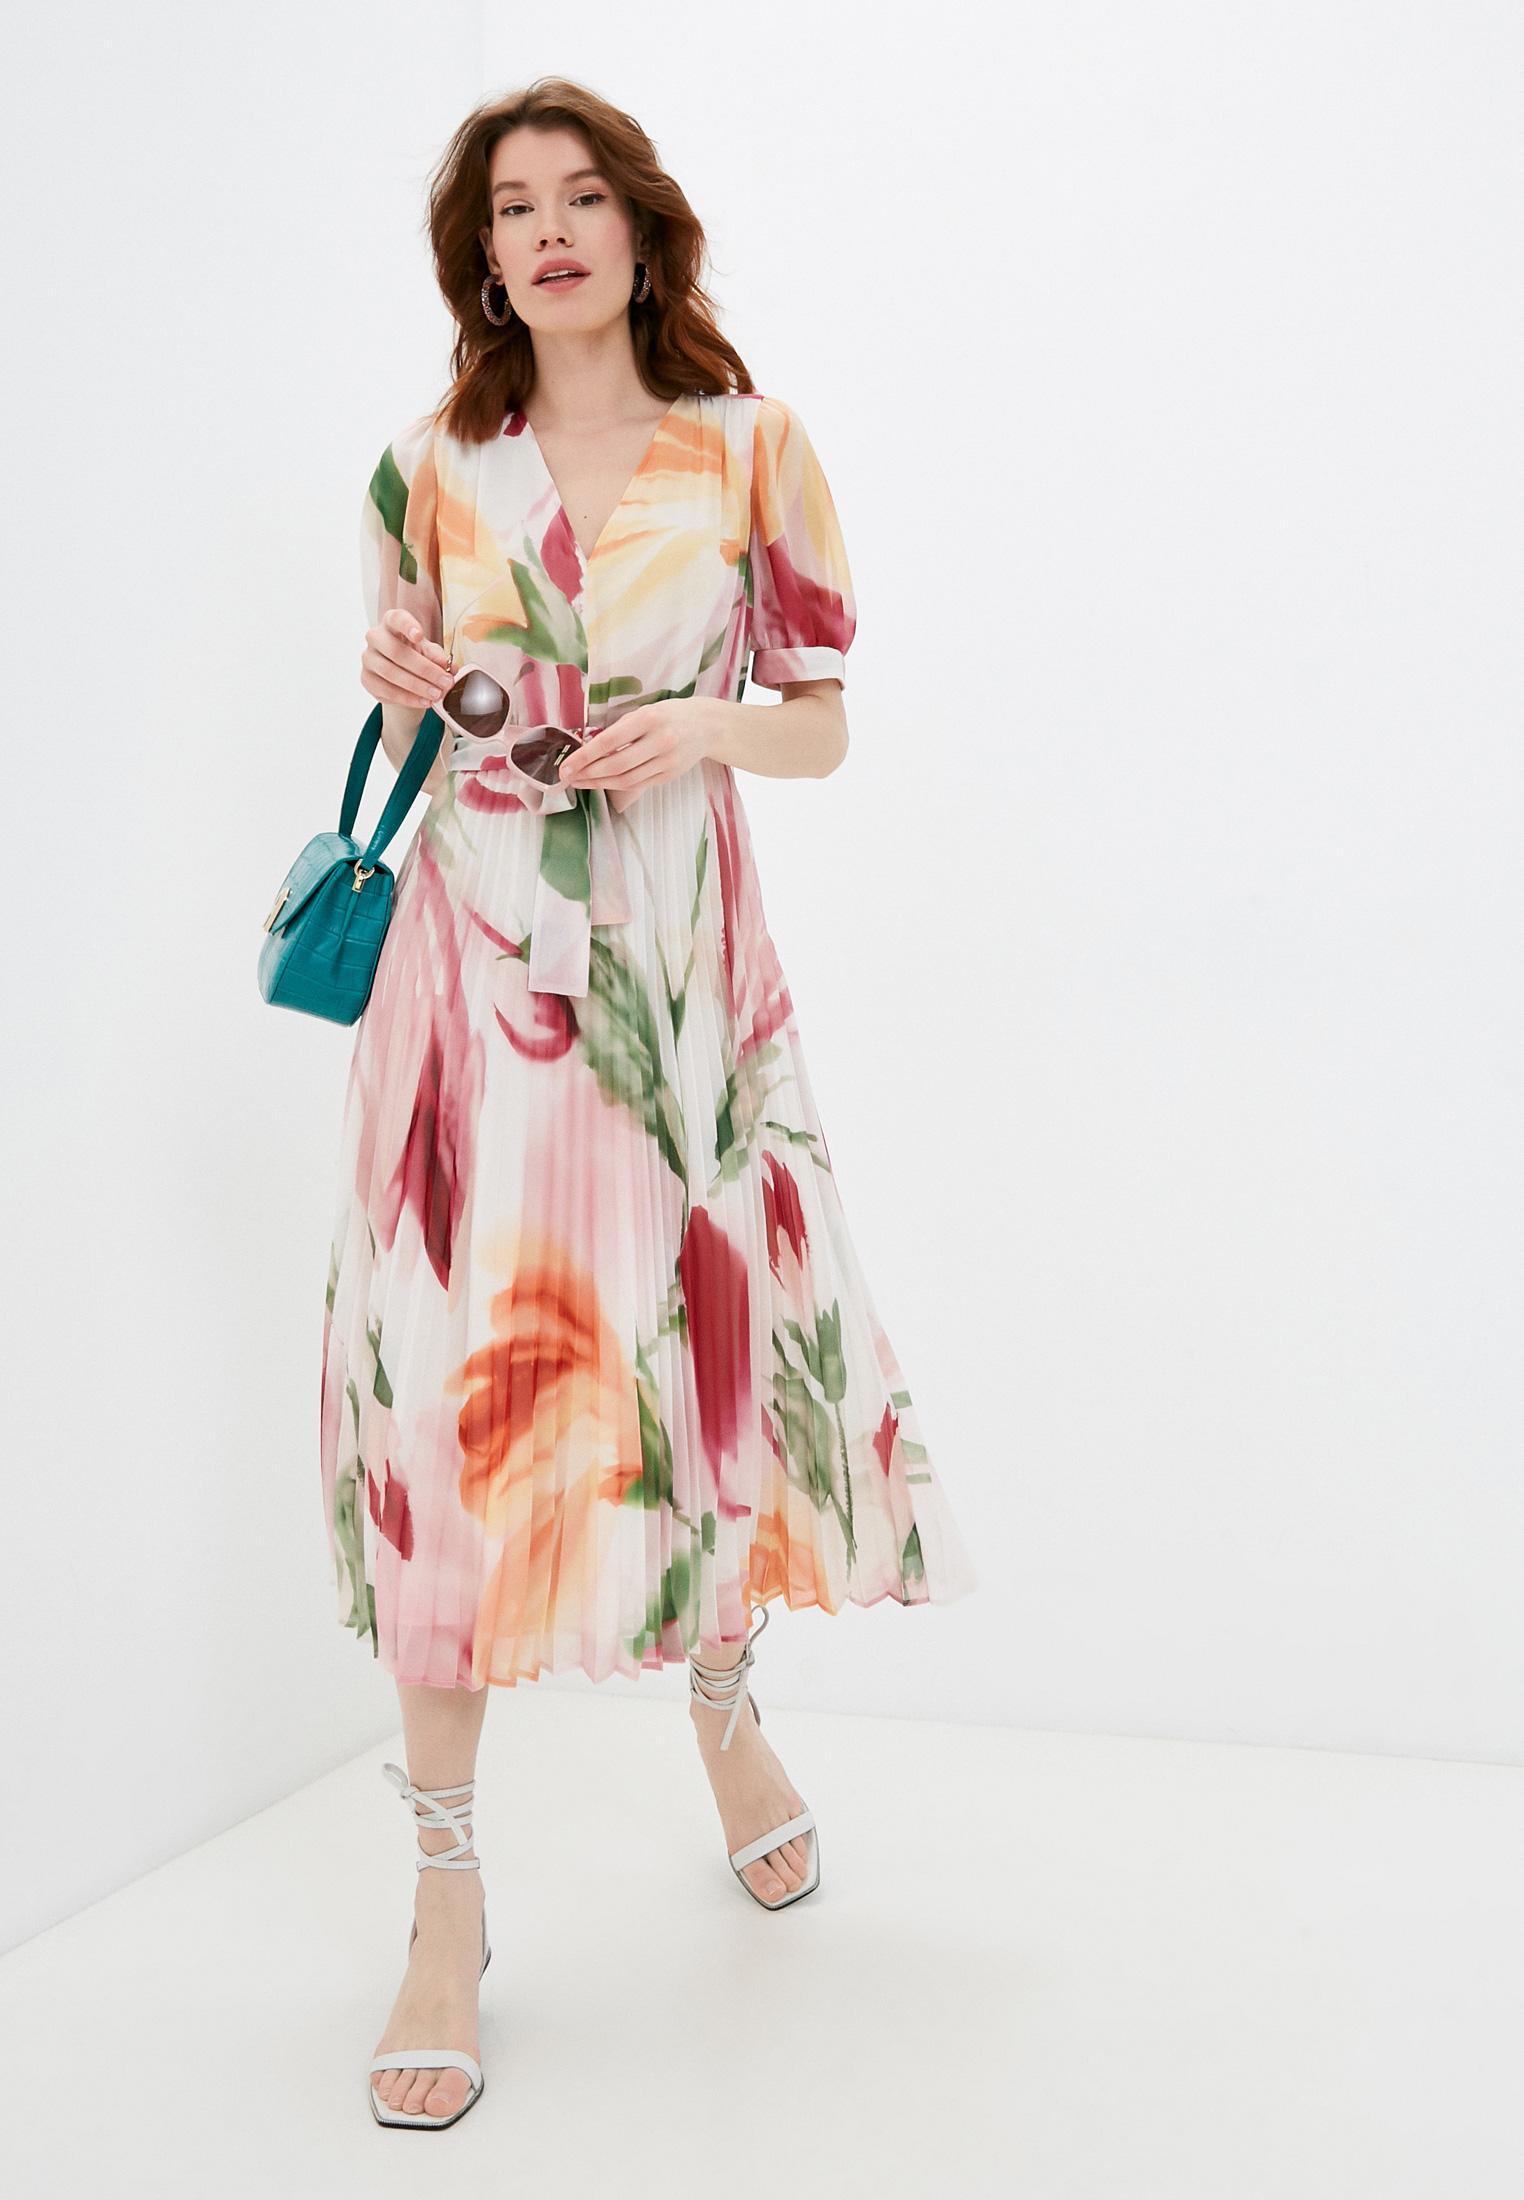 Повседневное платье Pennyblack (Пенни Блэк) Платье Pennyblack